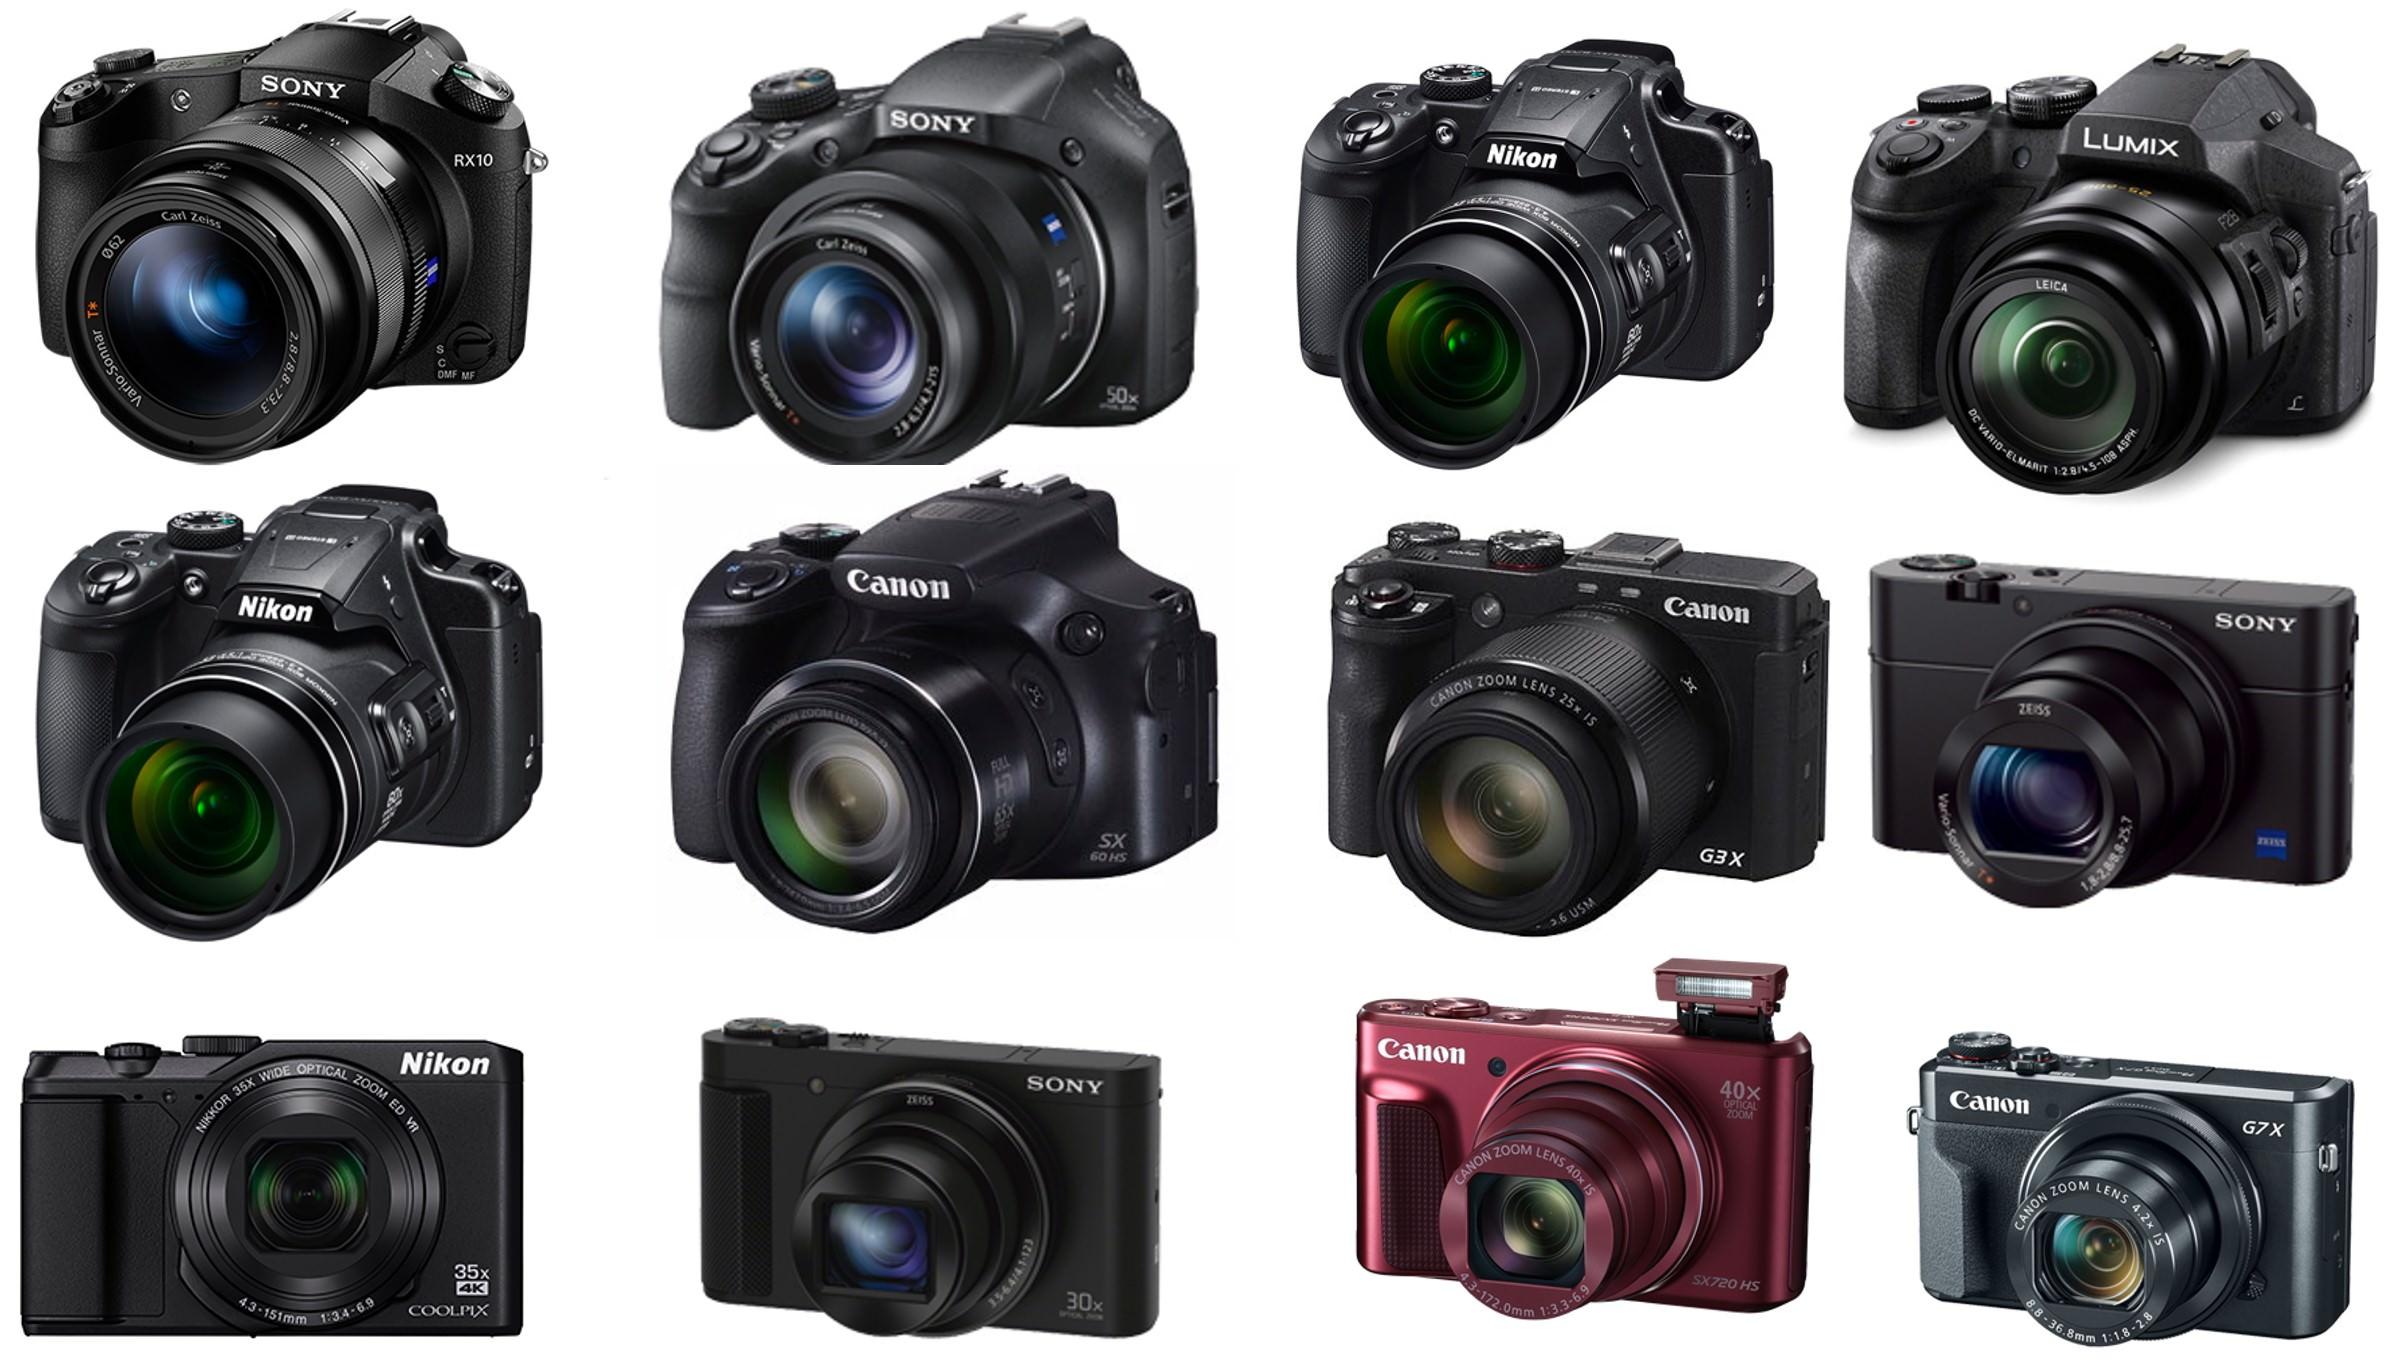 適合出國旅遊輕便相機推薦 - 挑選 12 款最佳出國相機推介